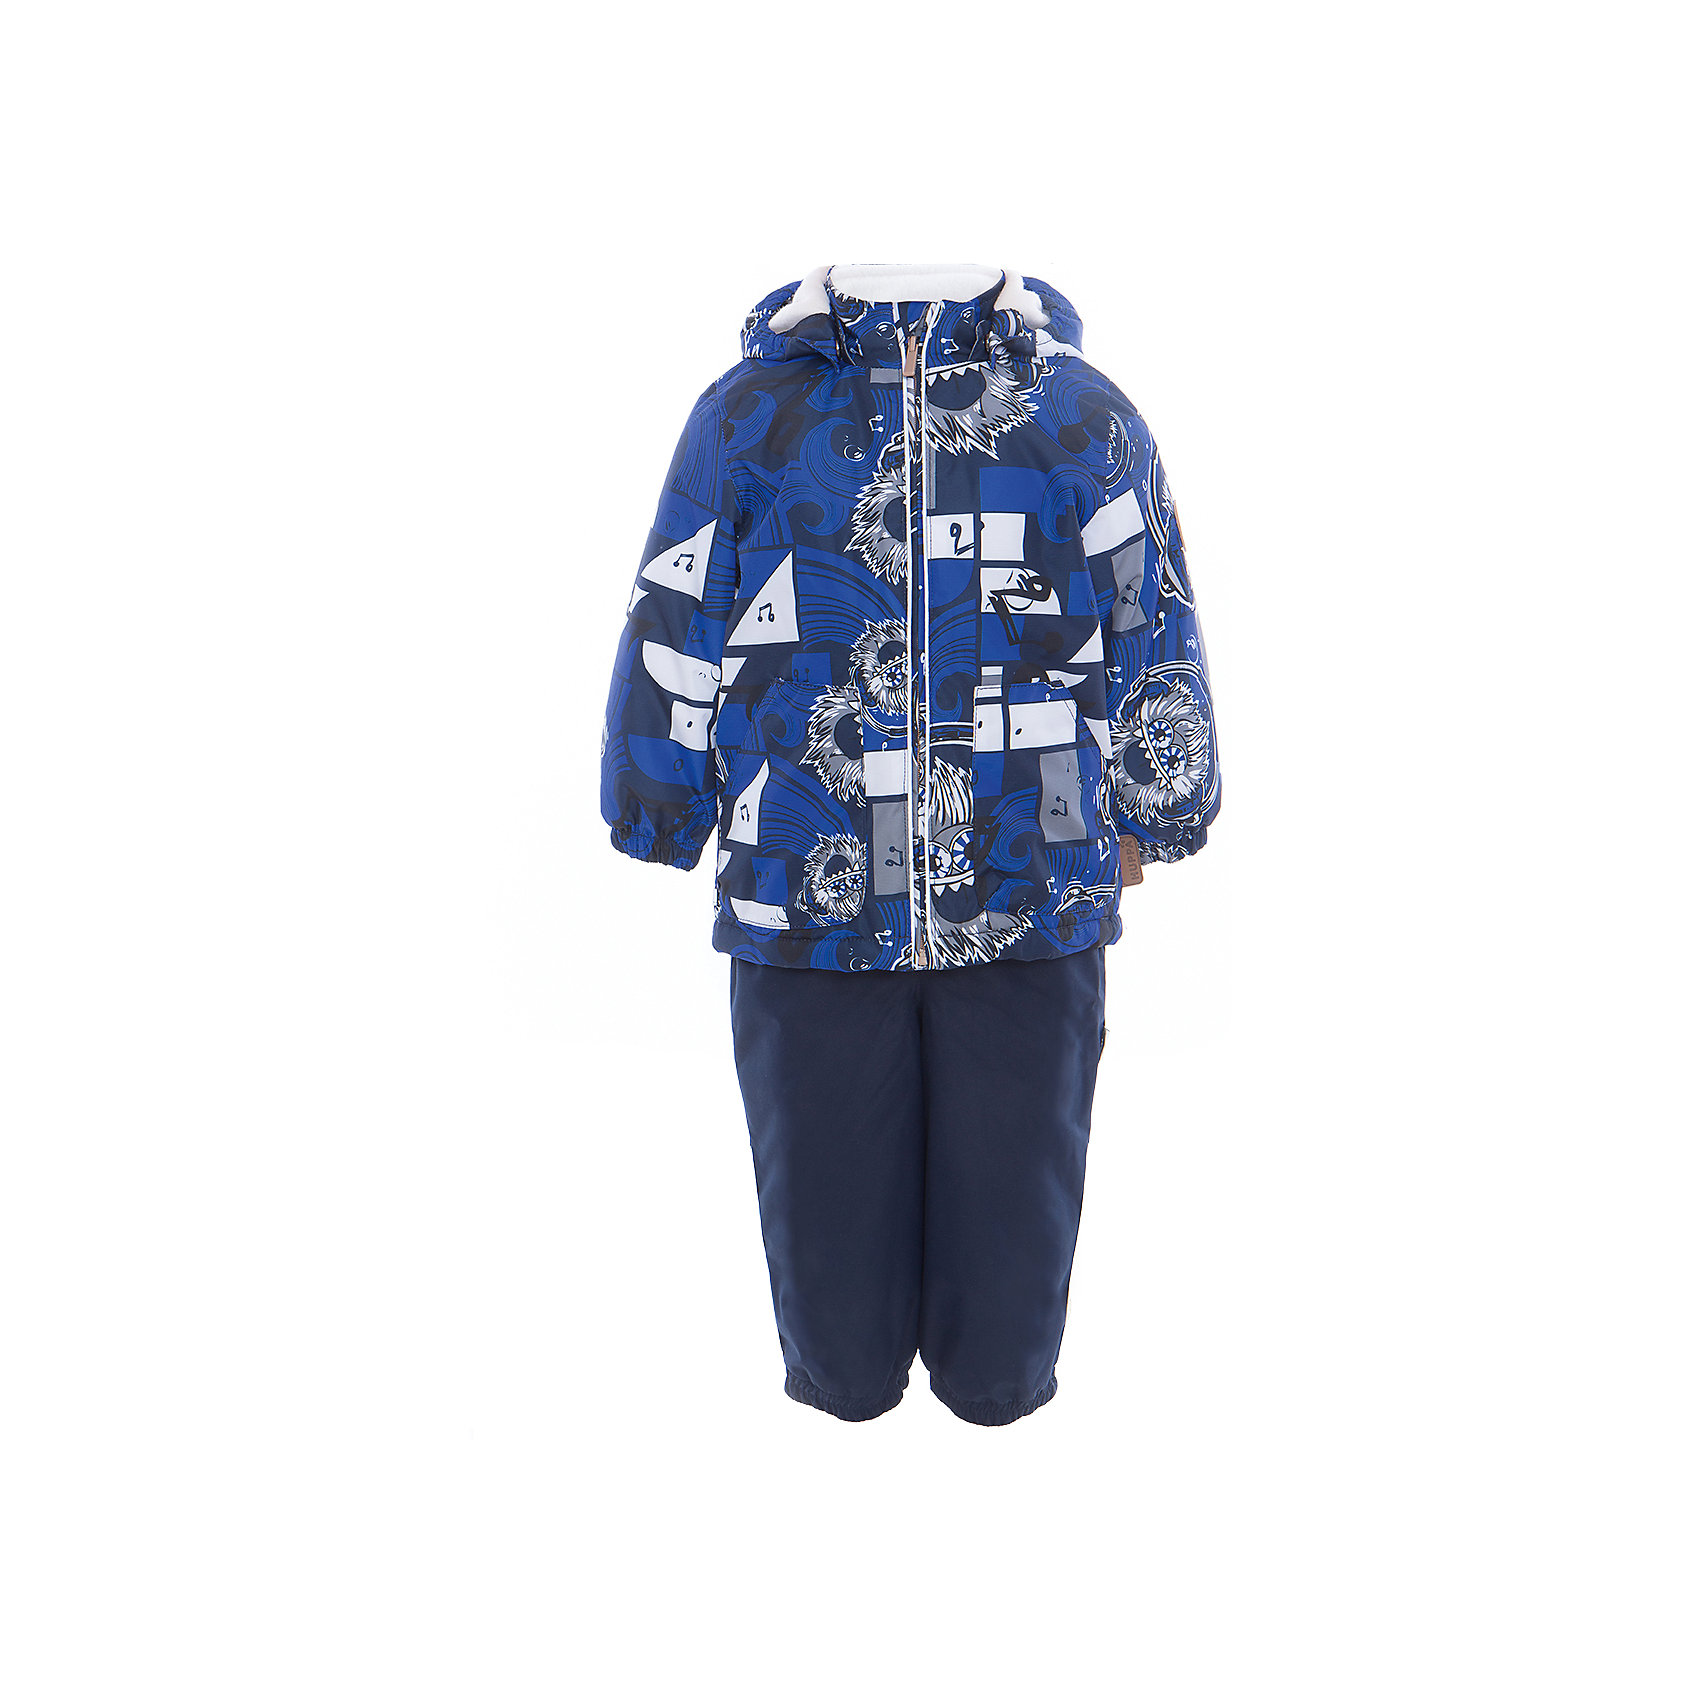 Комплект: куртка и полукомбинезон для мальчика CARLO HuppaКомплекты<br>Характеристики товара:<br><br>• цвет: тёмно-синий принт/тёмно-синий<br>• комплектация: куртка и полукомбинезон <br>• ткань: 100% полиэстер<br>• подкладка: тафта - 100% полиэстер<br>• утеплитель: 100% полиэстер; куртка 100 г, полукомбинезон 40 г<br>• температурный режим: от -5°С до +10°С<br>• водонепроницаемость: 10000 мм<br>• воздухопроницаемость: 10000 мм<br>• светоотражающие детали<br>• шов сидения проклеен<br>• съёмный капюшон с резинкой<br>• эластичные манжеты на рукавах<br>• манжеты брюк с резинкой<br>• съёмные эластичные штрипки<br>• без внутренних швов<br>• резиновые подтяжки<br>• коллекция: весна-лето 2017<br>• страна бренда: Эстония<br><br>Такой модный демисезонный комплект  обеспечит детям тепло и комфорт. Он сделан из материала, отталкивающего воду, и дополнен подкладкой с утеплителем, поэтому изделие идеально подходит для межсезонья. Материал изделий - с мембранной технологией: защищая от влаги и ветра, он легко выводит лишнюю влагу наружу. Комплект очень симпатично смотрится. <br><br>Одежда и обувь от популярного эстонского бренда Huppa - отличный вариант одеть ребенка можно и комфортно. Вещи, выпускаемые компанией, качественные, продуманные и очень удобные. Для производства изделий используются только безопасные для детей материалы. Продукция от Huppa порадует и детей, и их родителей!<br><br>Комплект: куртка и полукомбинезон для мальчика CARLO от бренда Huppa (Хуппа) можно купить в нашем интернет-магазине.<br><br>Ширина мм: 356<br>Глубина мм: 10<br>Высота мм: 245<br>Вес г: 519<br>Цвет: синий<br>Возраст от месяцев: 36<br>Возраст до месяцев: 48<br>Пол: Мужской<br>Возраст: Детский<br>Размер: 104,110,80,86,92,98<br>SKU: 5346725